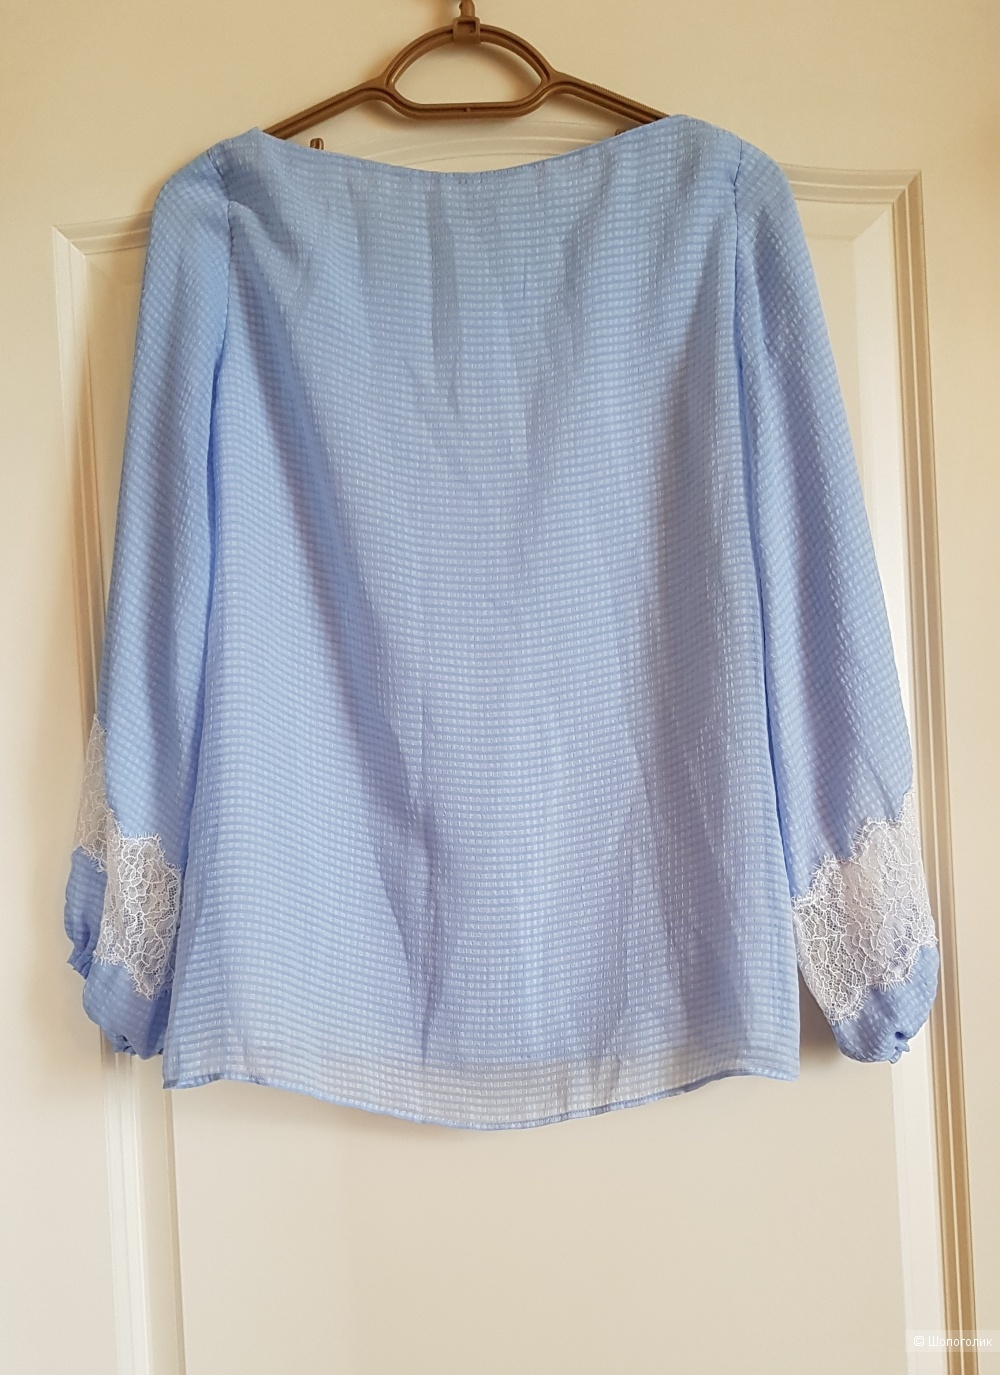 Блузка Massimo Dutti, размер 34 (EU)